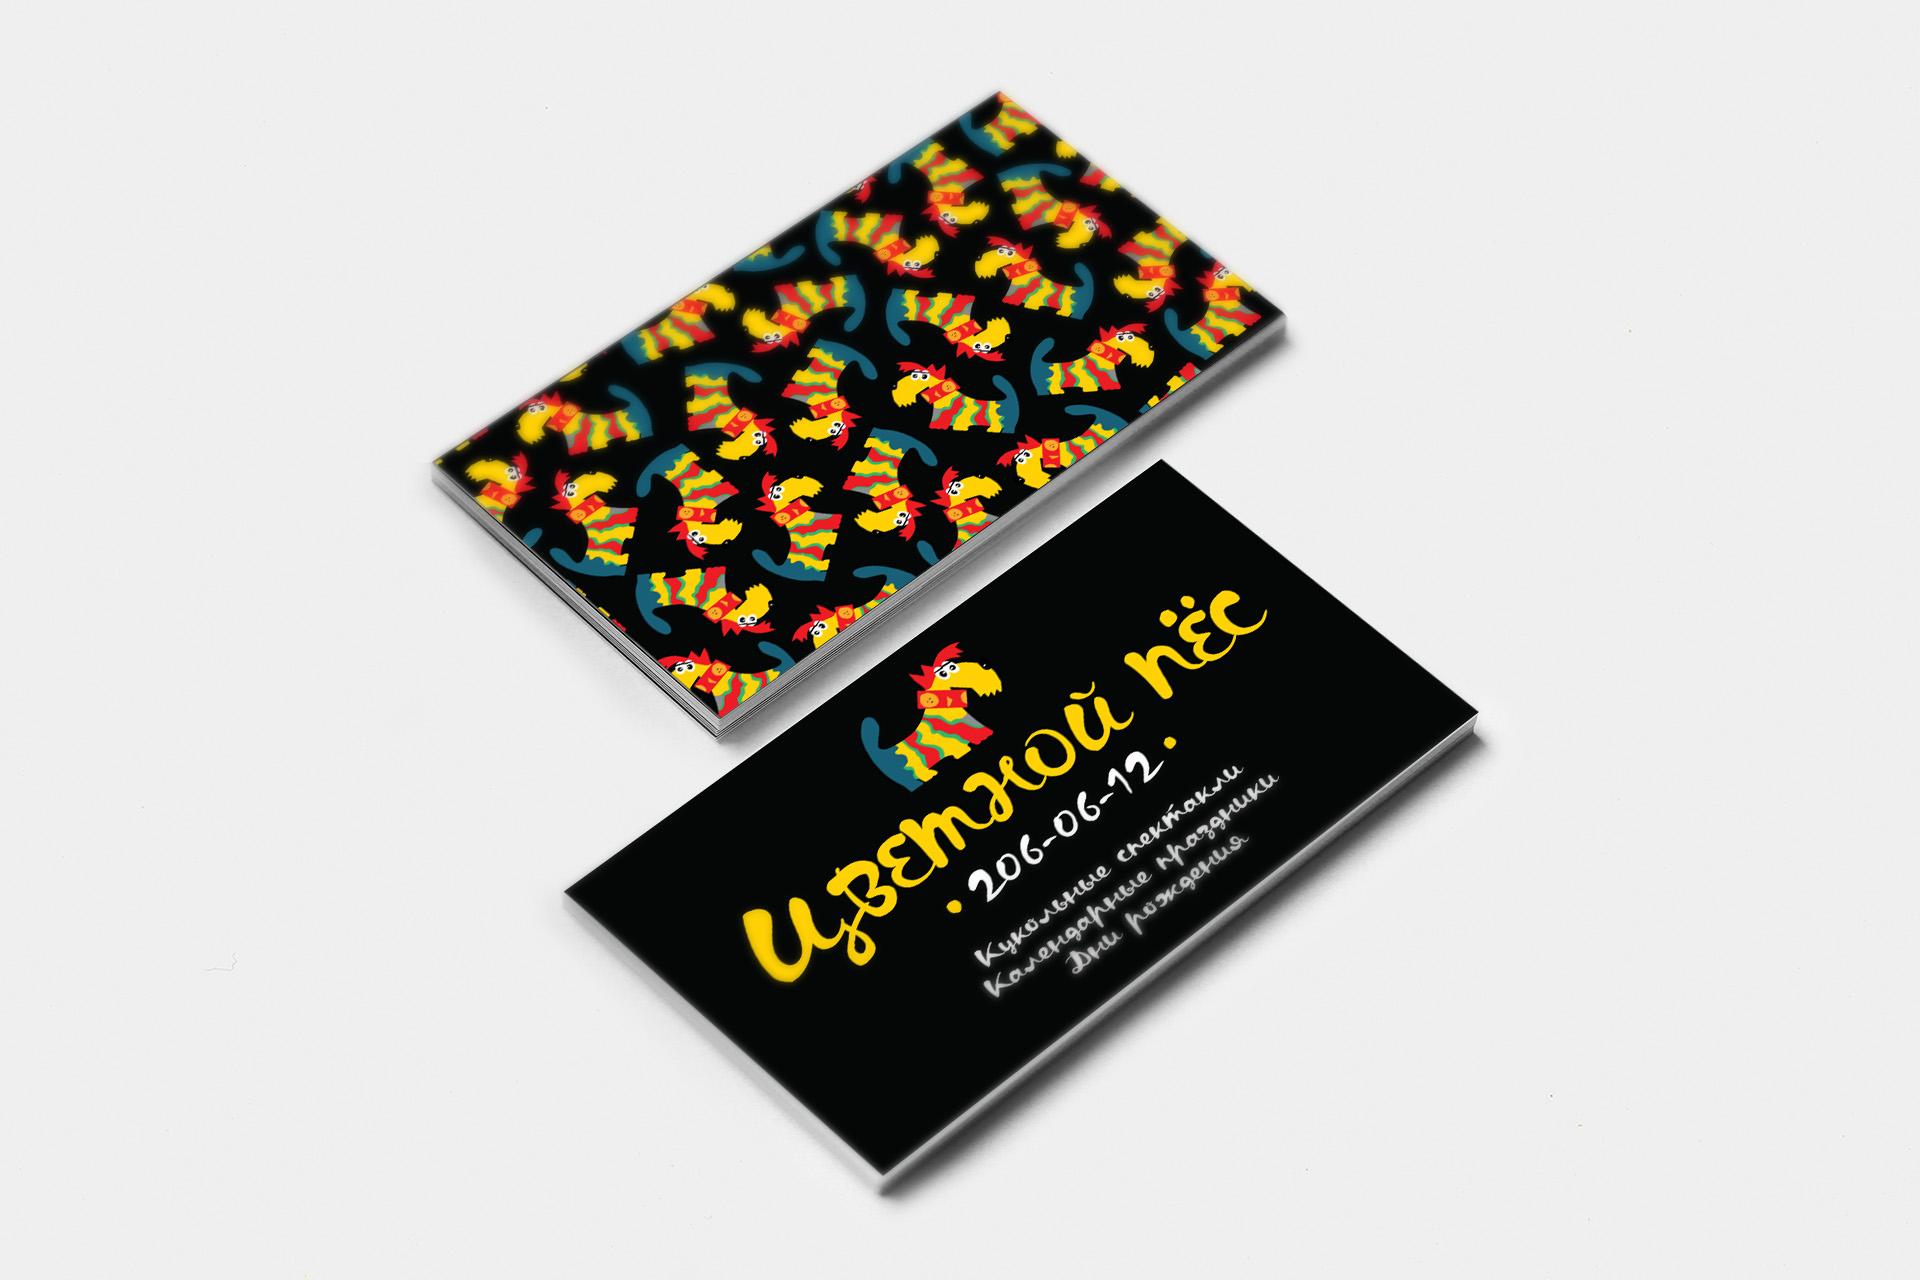 Цветной пёс, визитка